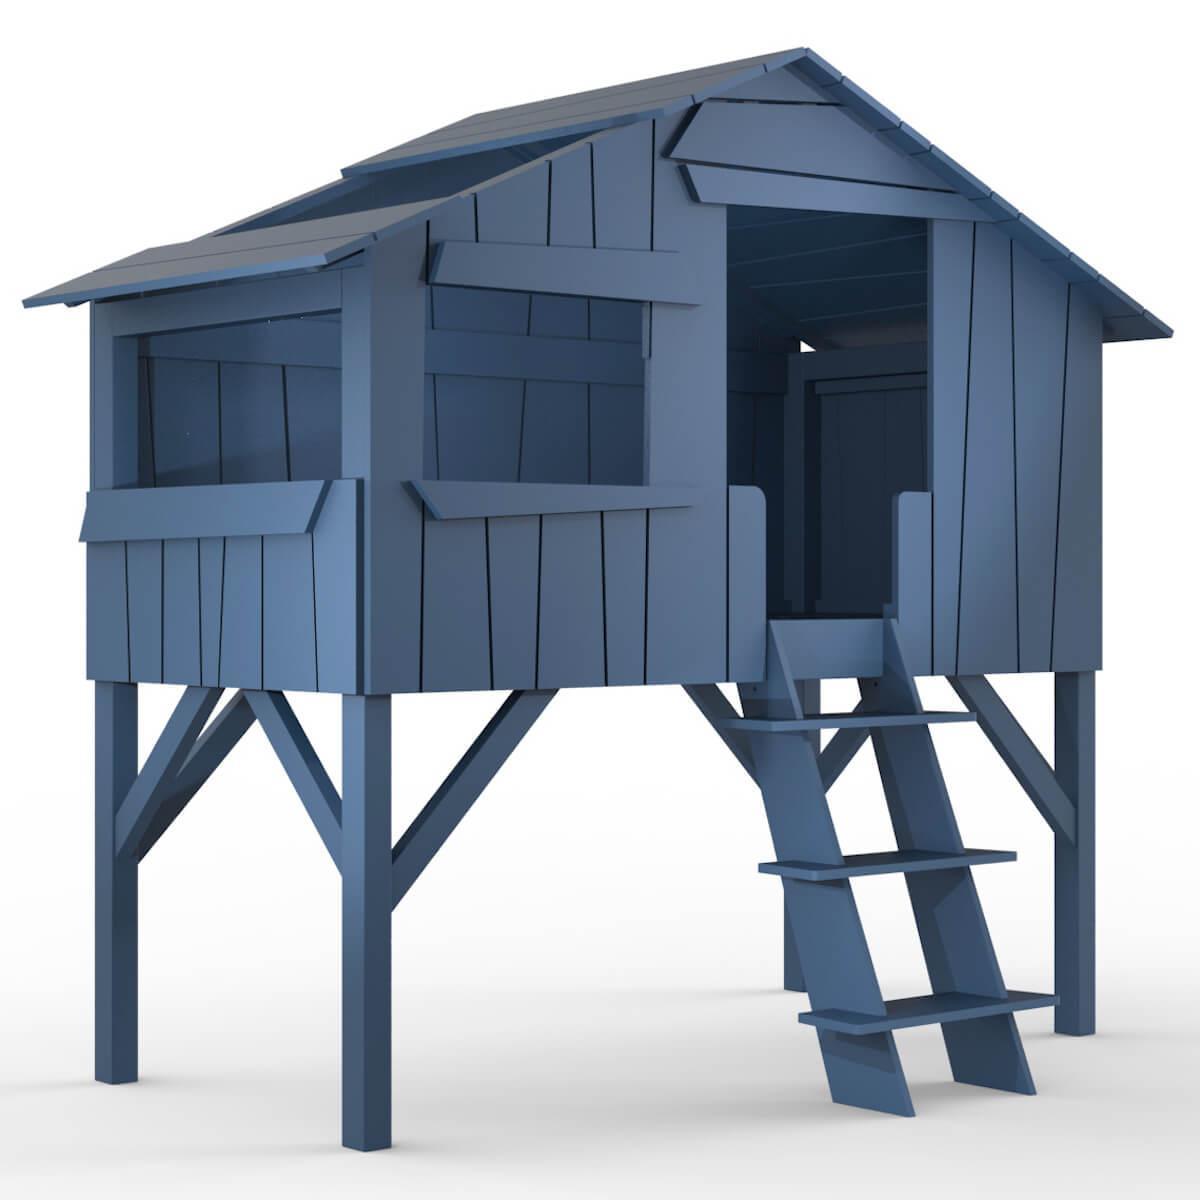 Lit mi hauteur 90x190cm CABANE Mathy by Bols bleu atlantique